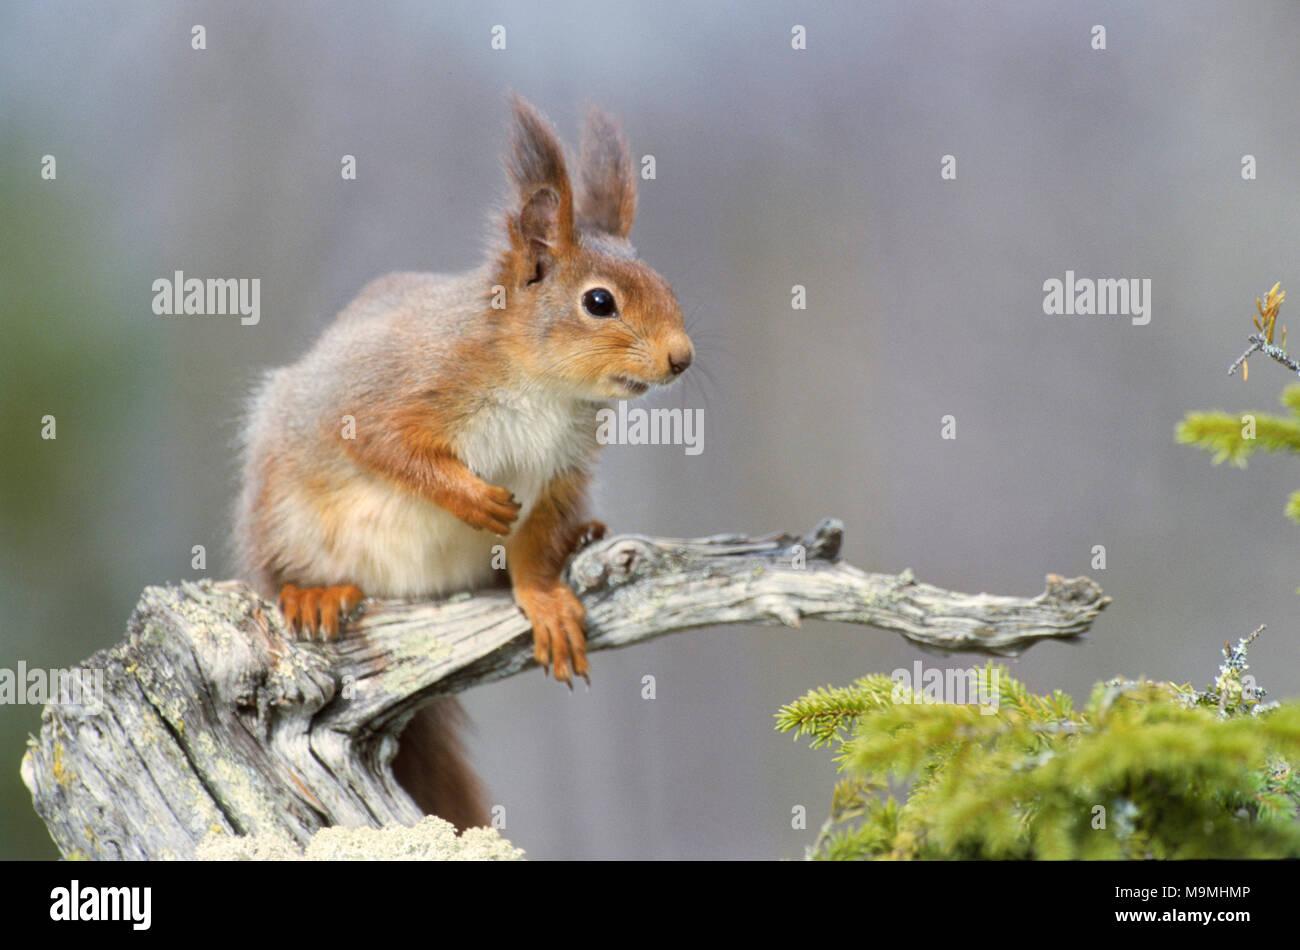 L'Écureuil roux (Sciurus vulgaris). Adulte sur une branche noueuse morts. Allemagne Photo Stock